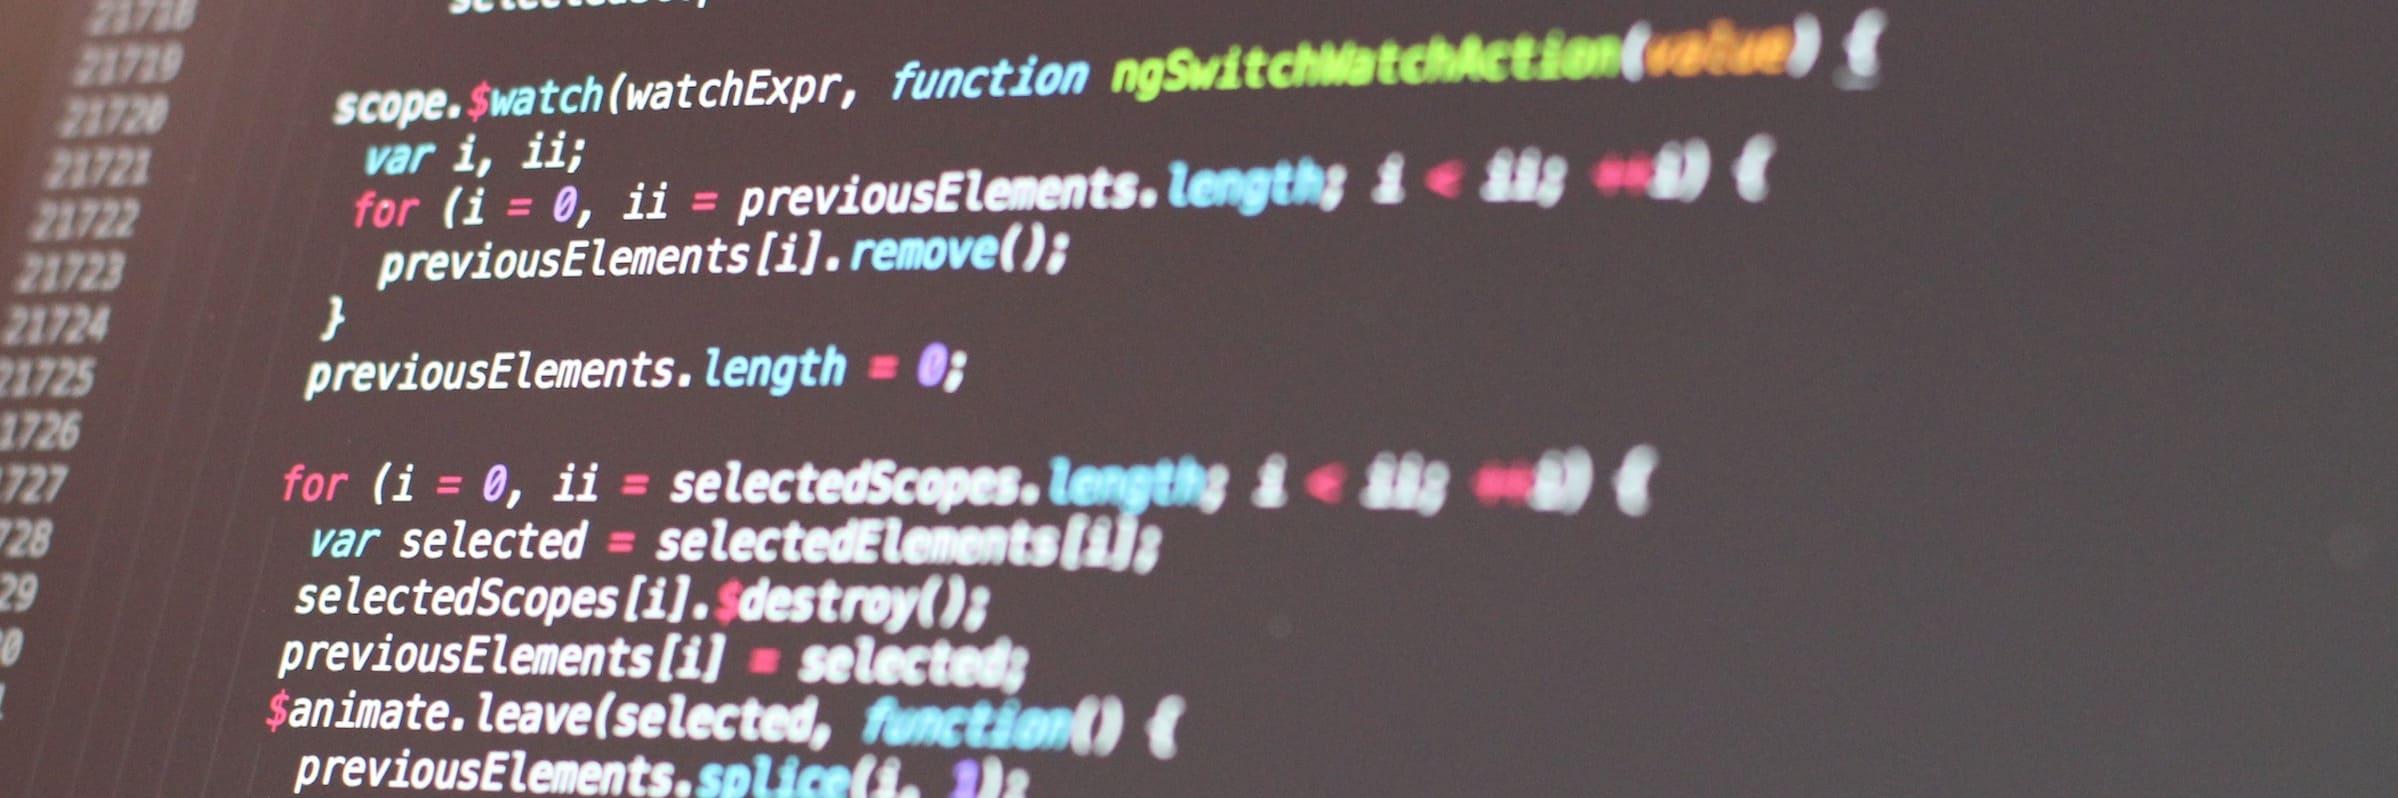 Le langage de programmation Lua